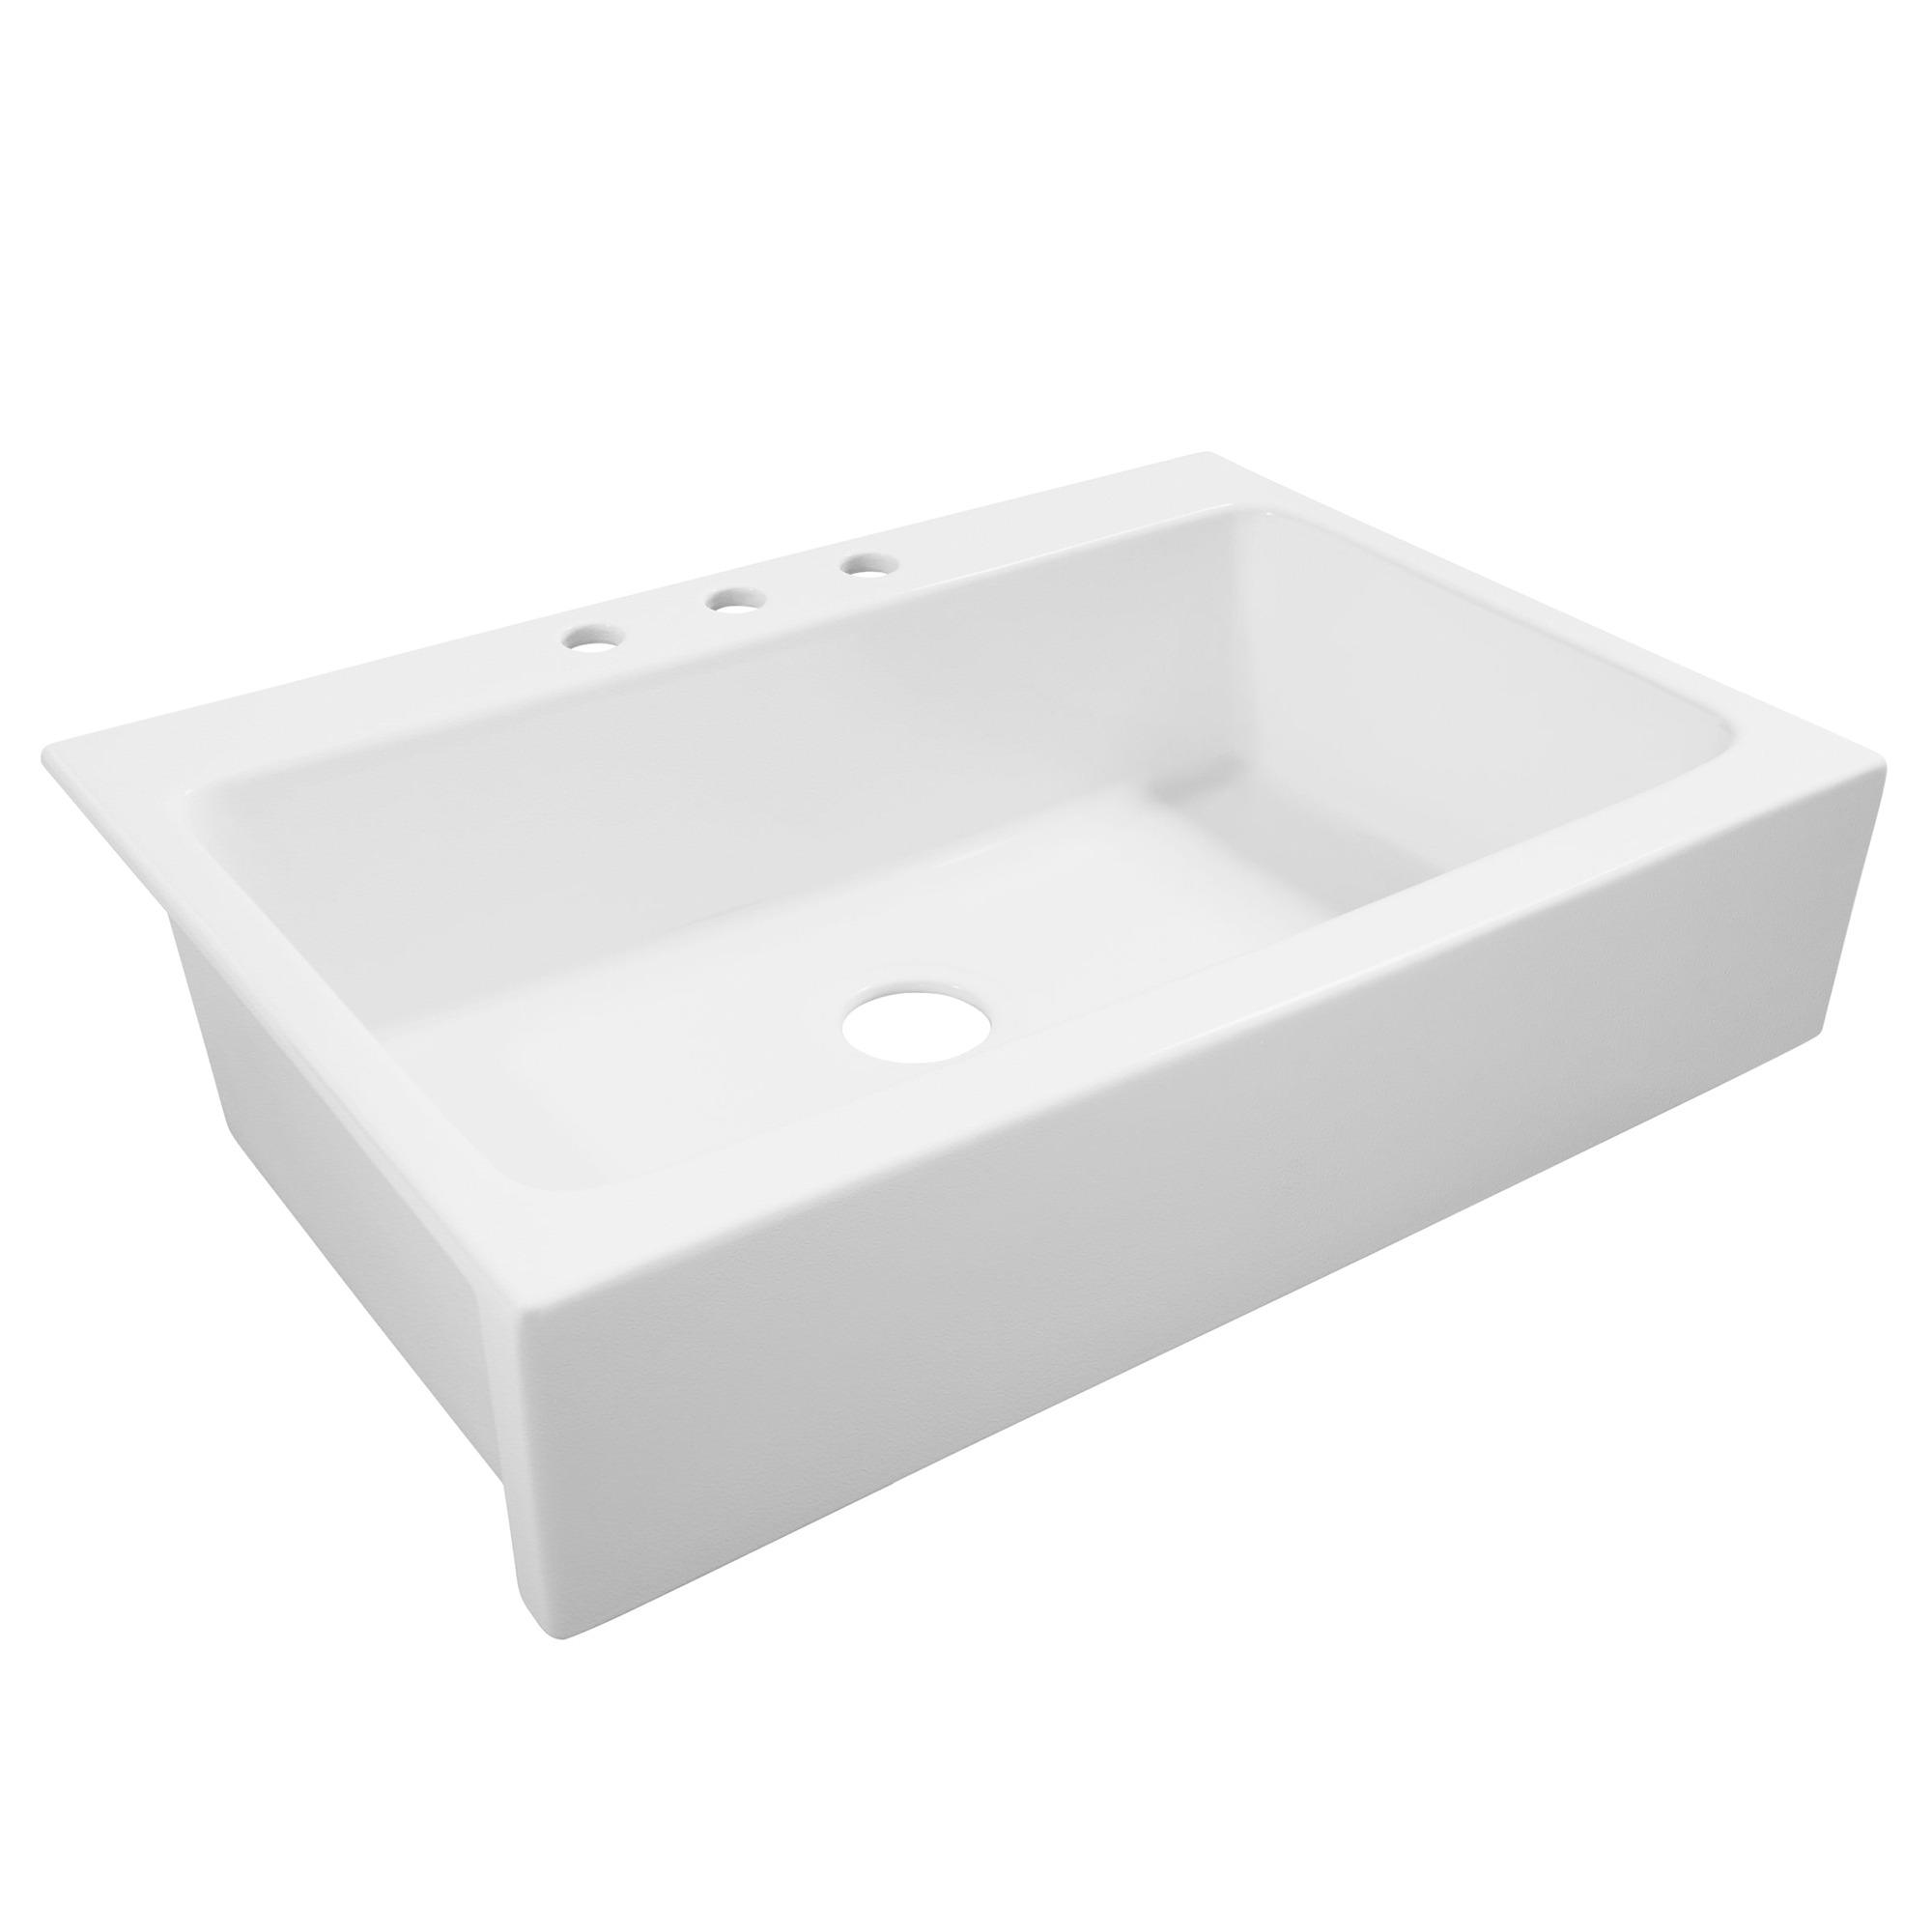 Josephine Fireclay Drop In Kitchen Sink In Matte White By Sinkology